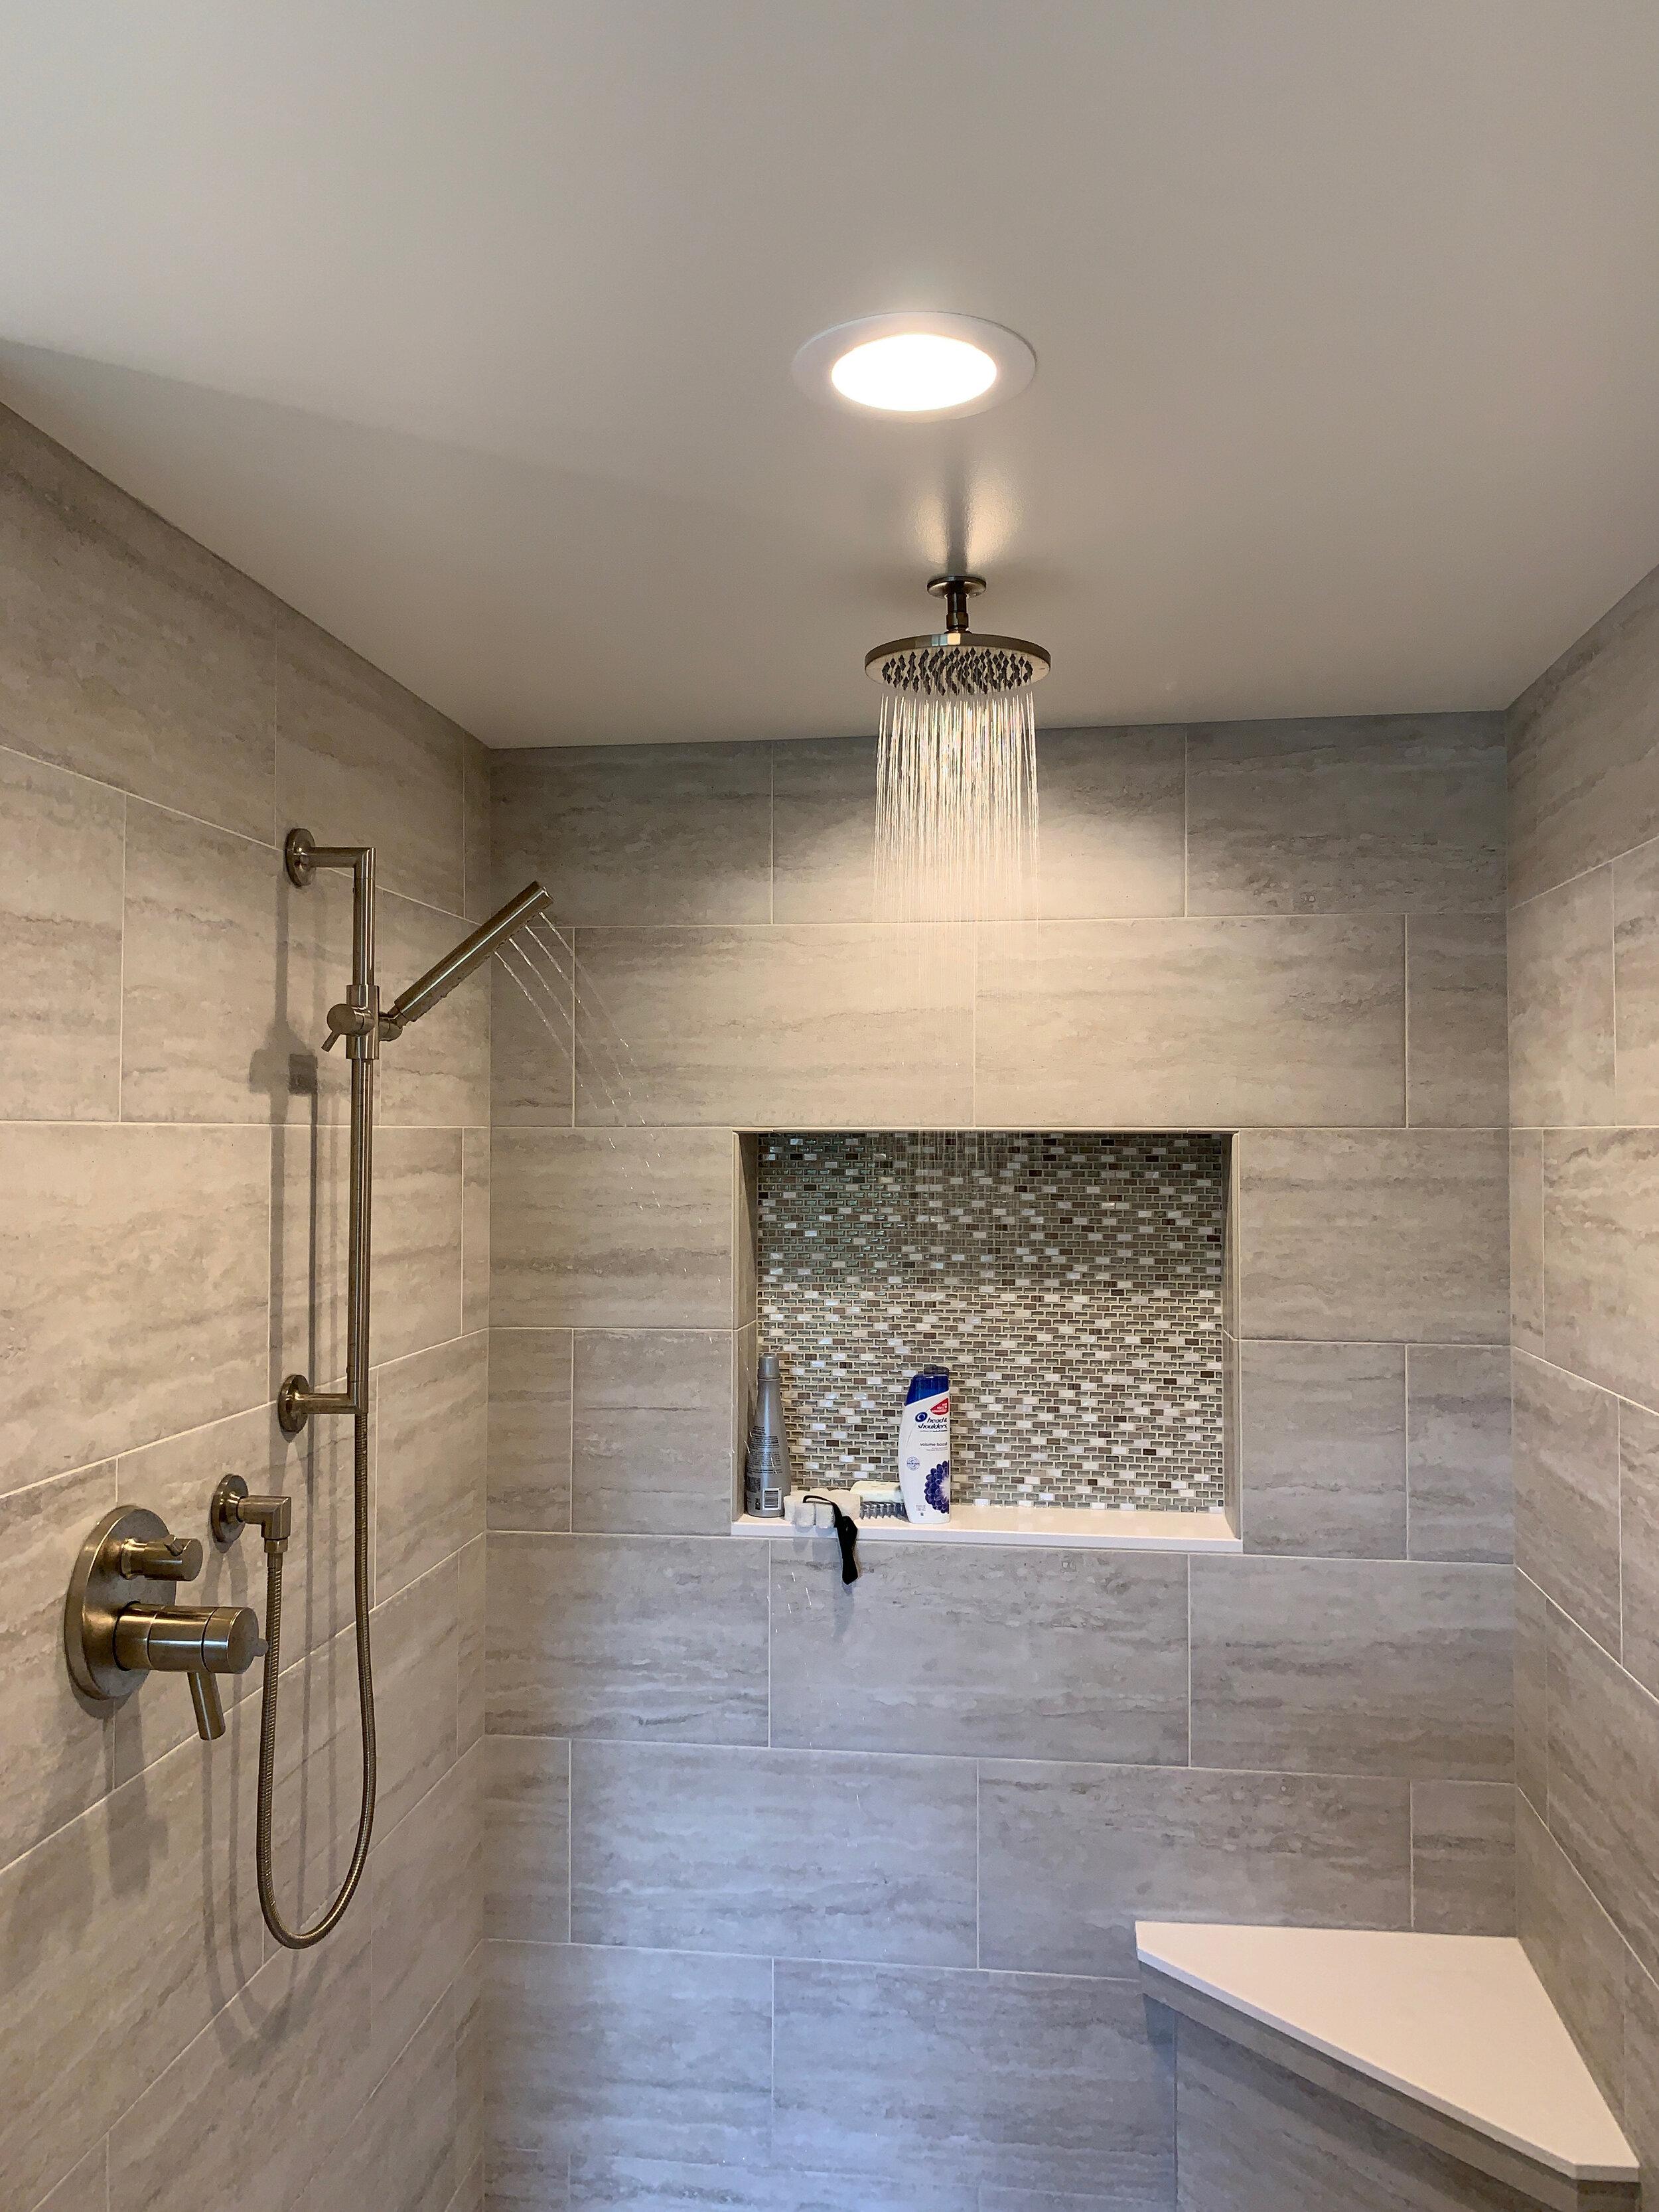 Rainshower and hand shower